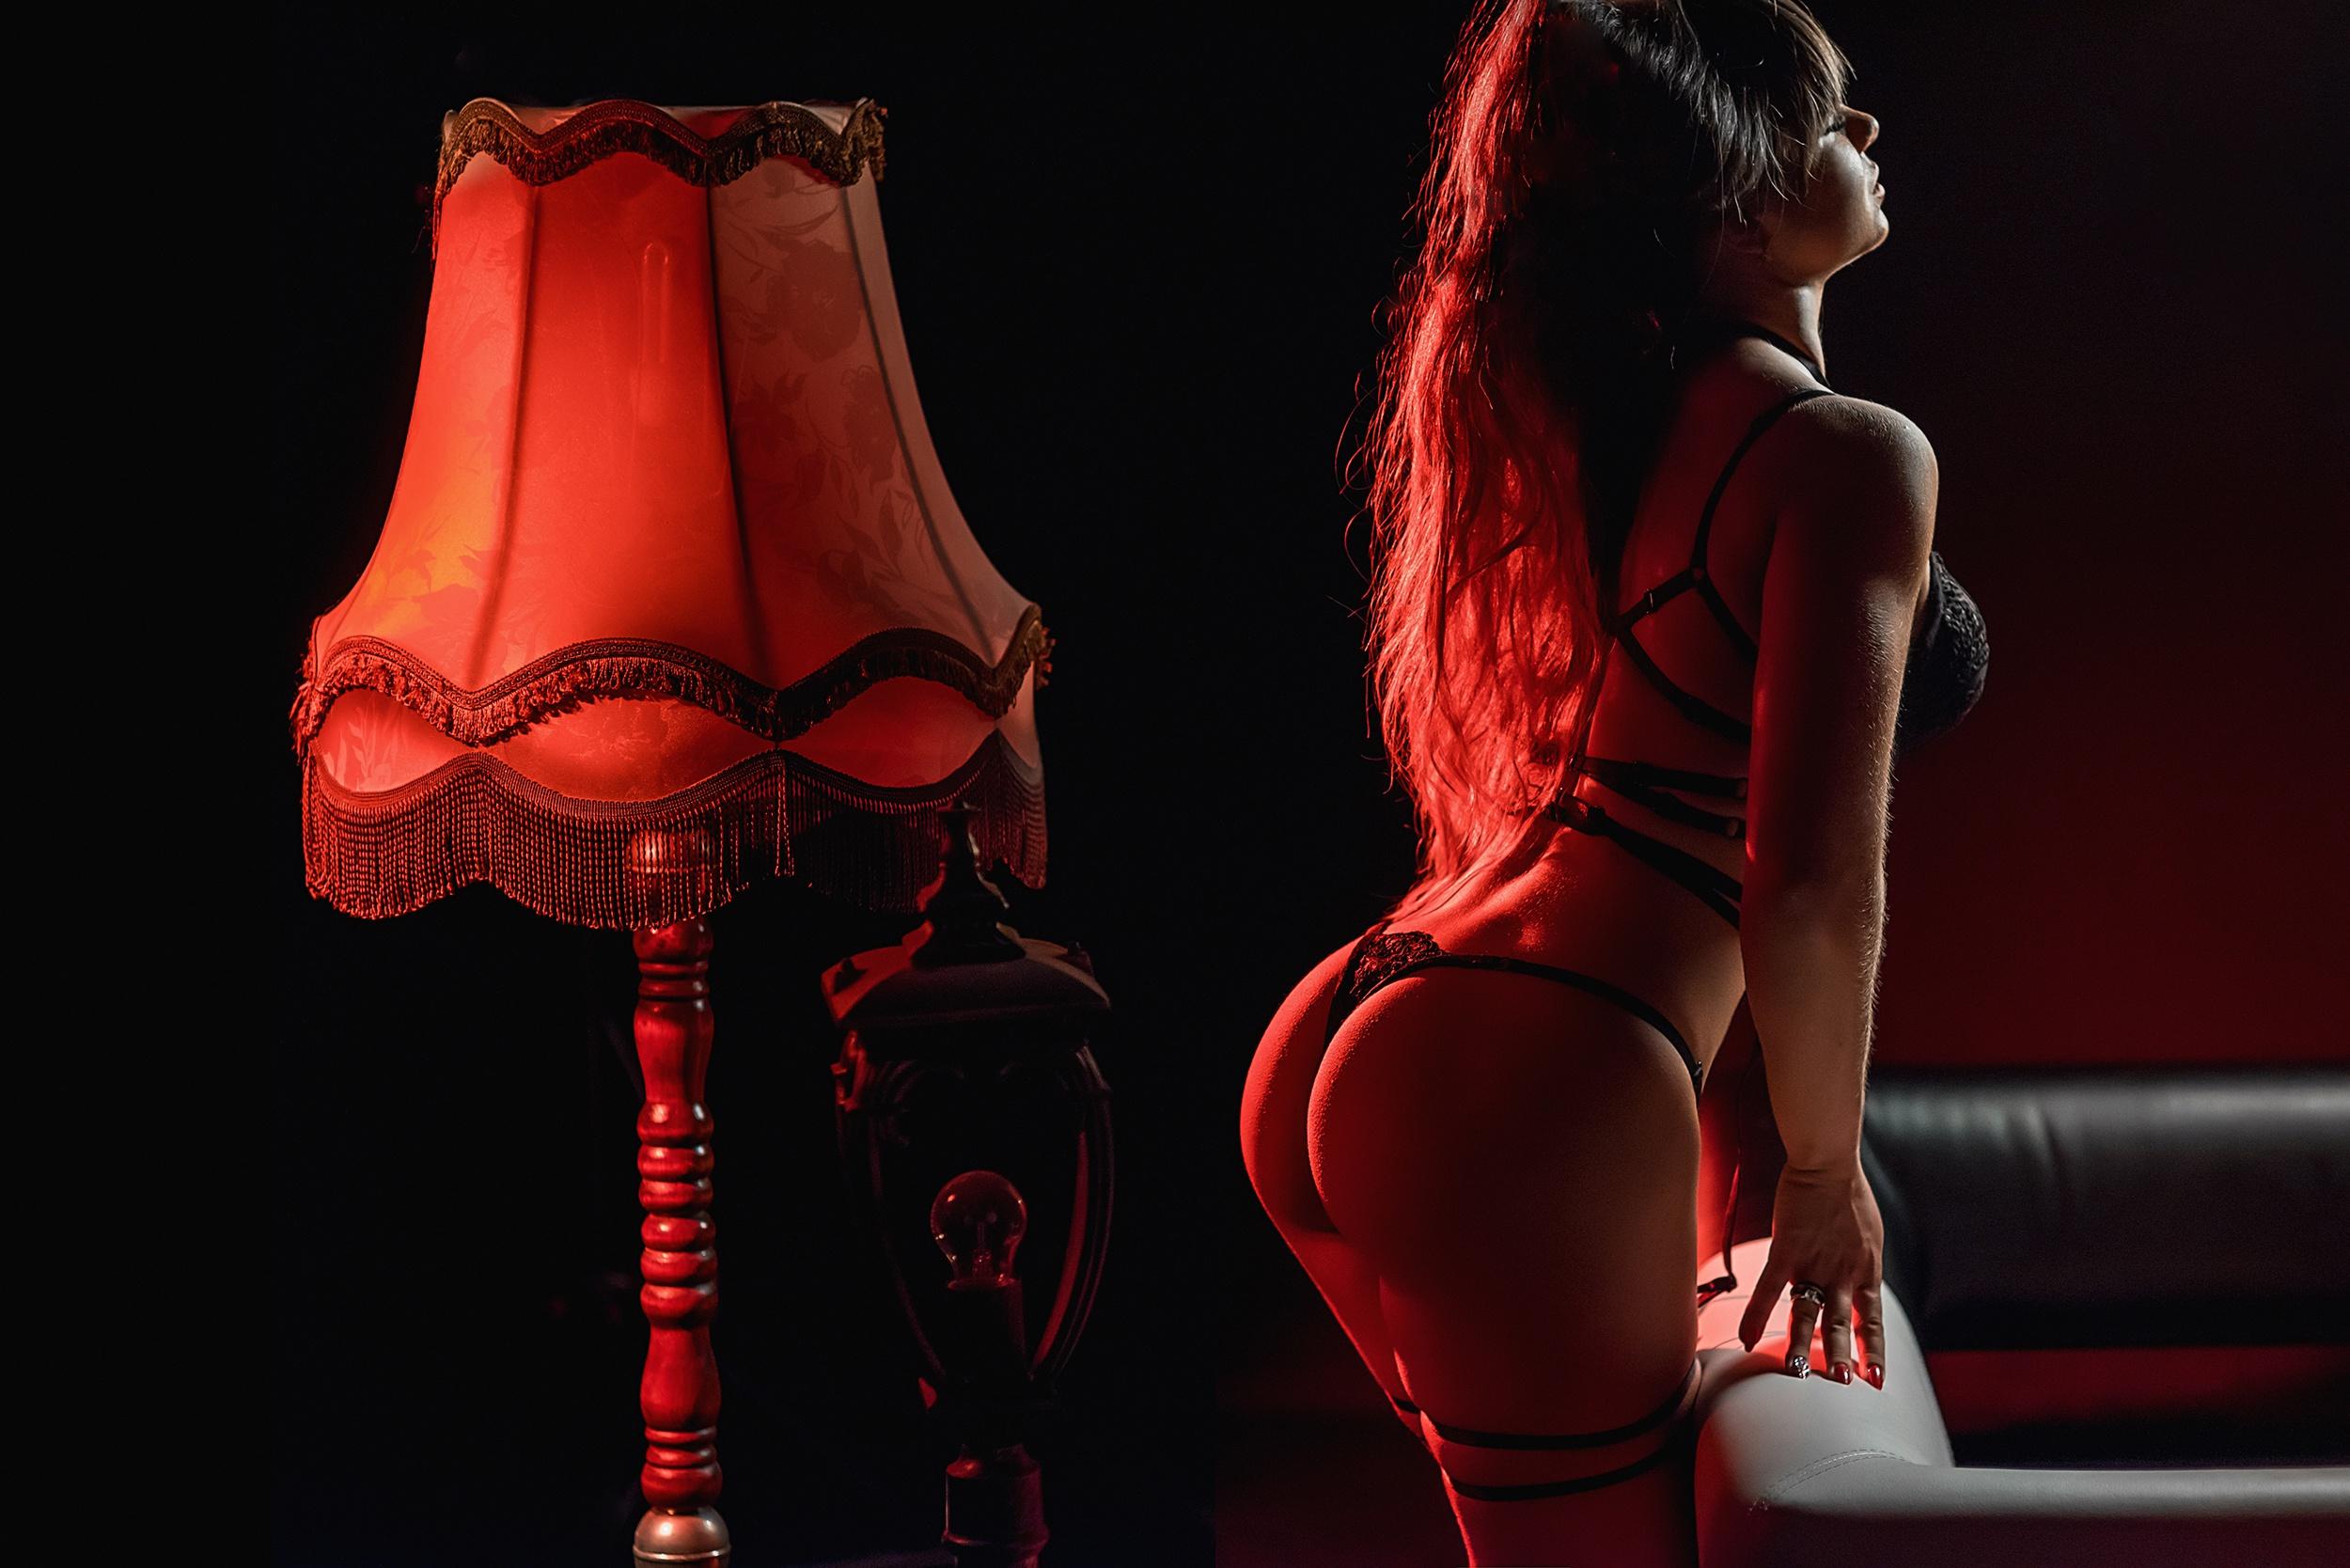 Красная задница фото #11